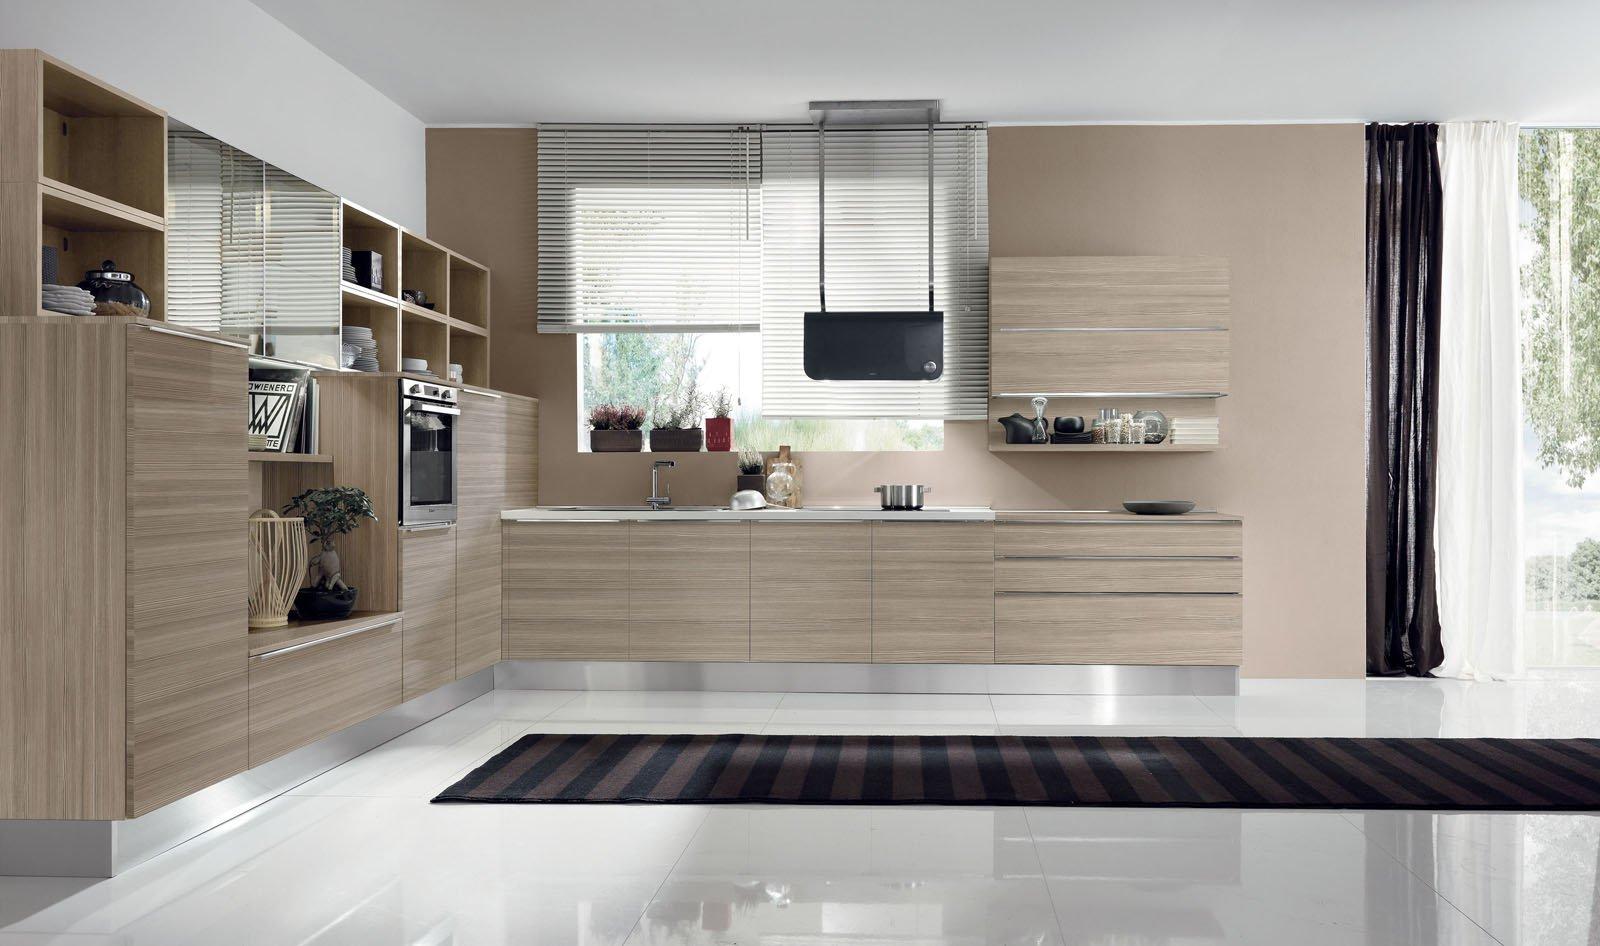 Aran 5 cucine per sfruttare lo spazio in modi differenti - Cocinas caceres ...